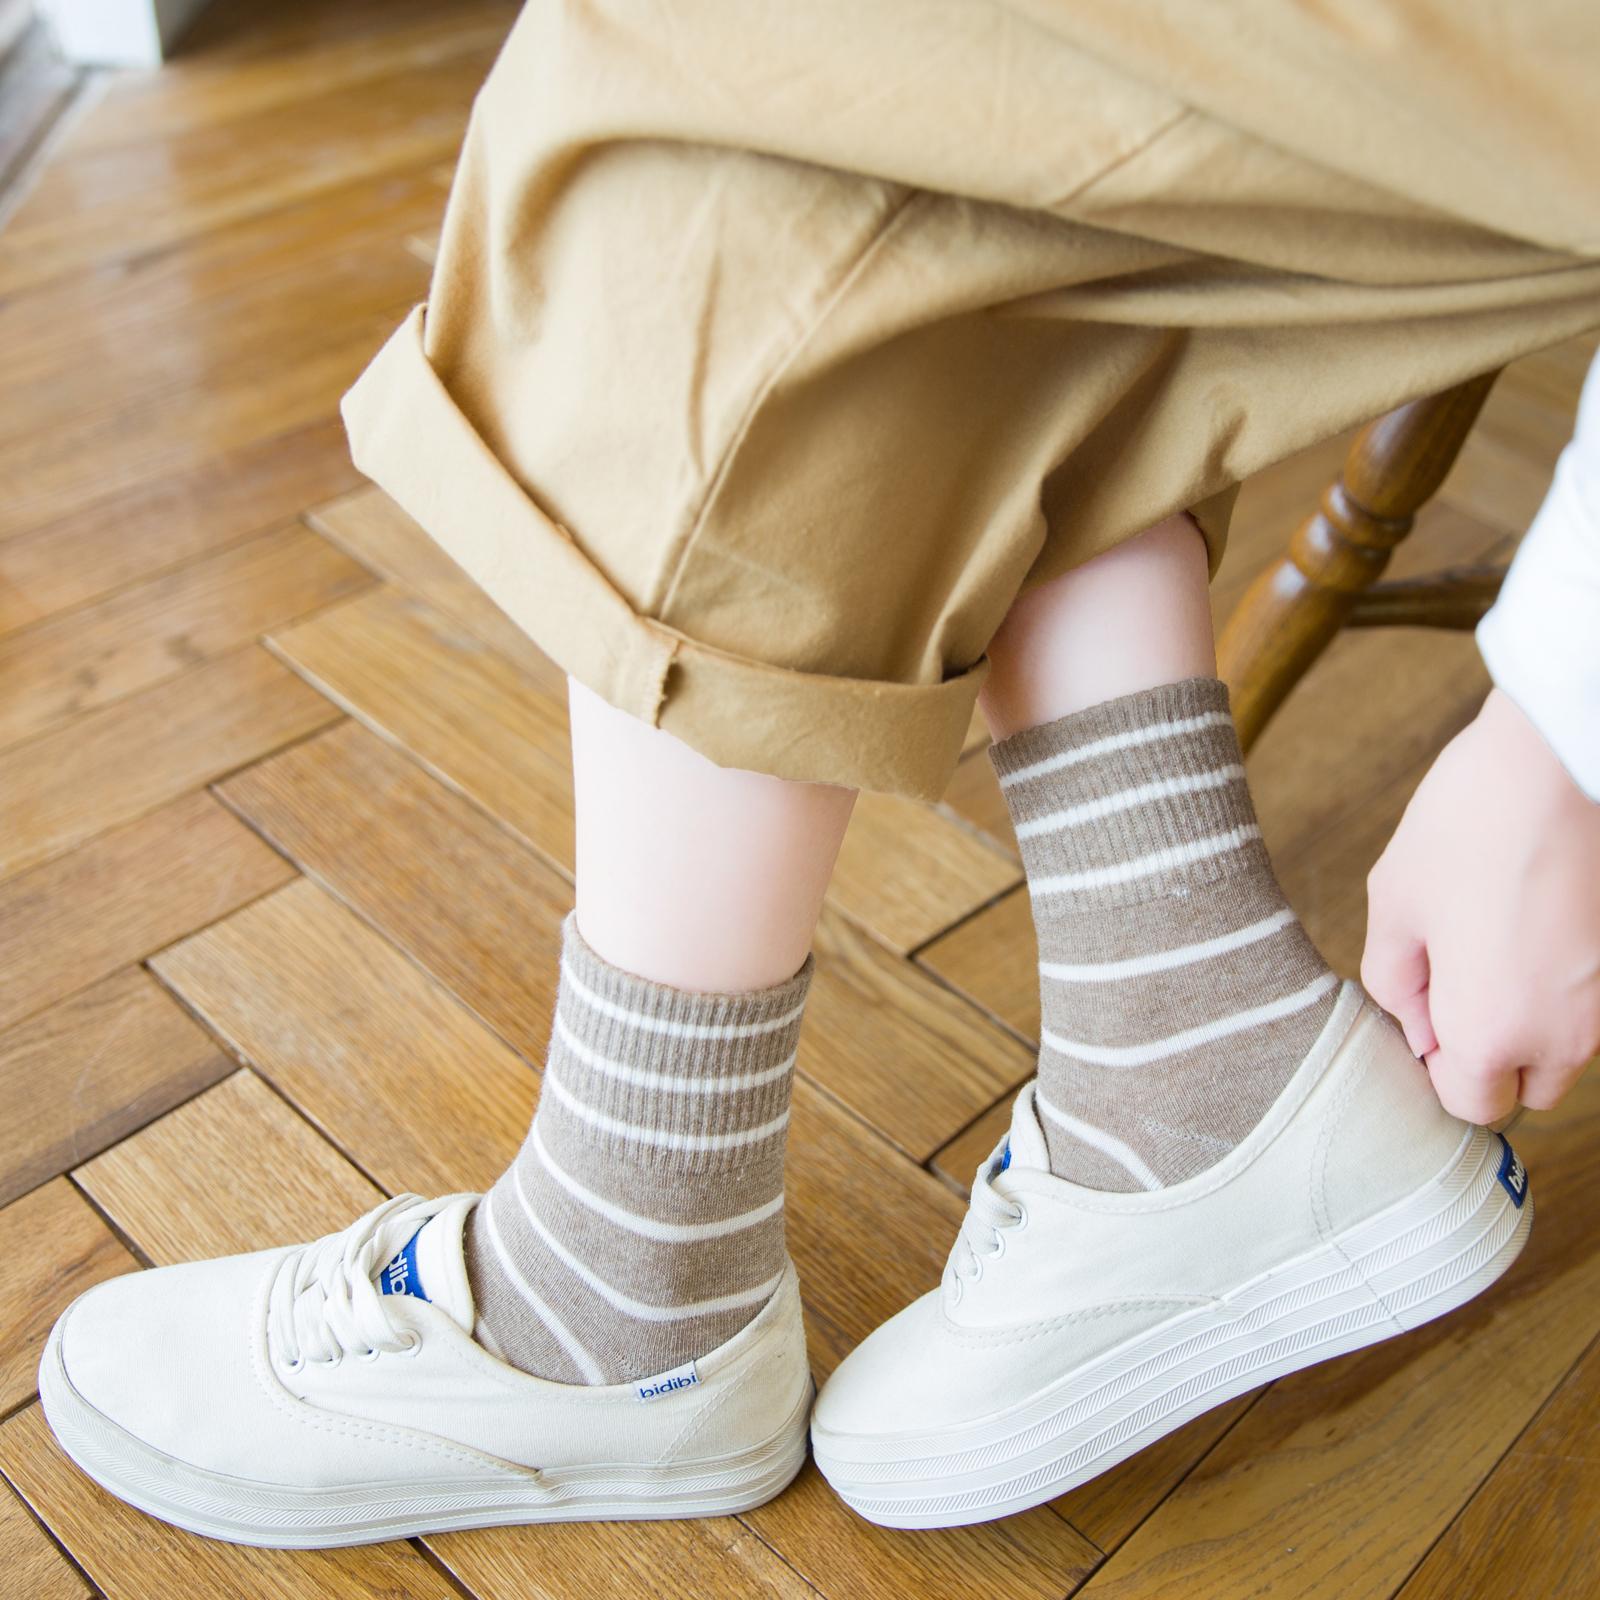 热销80件有赠品女袜子女中筒袜韩版日系ins潮百搭纯棉条纹韩国薄款棒球夏季夏天